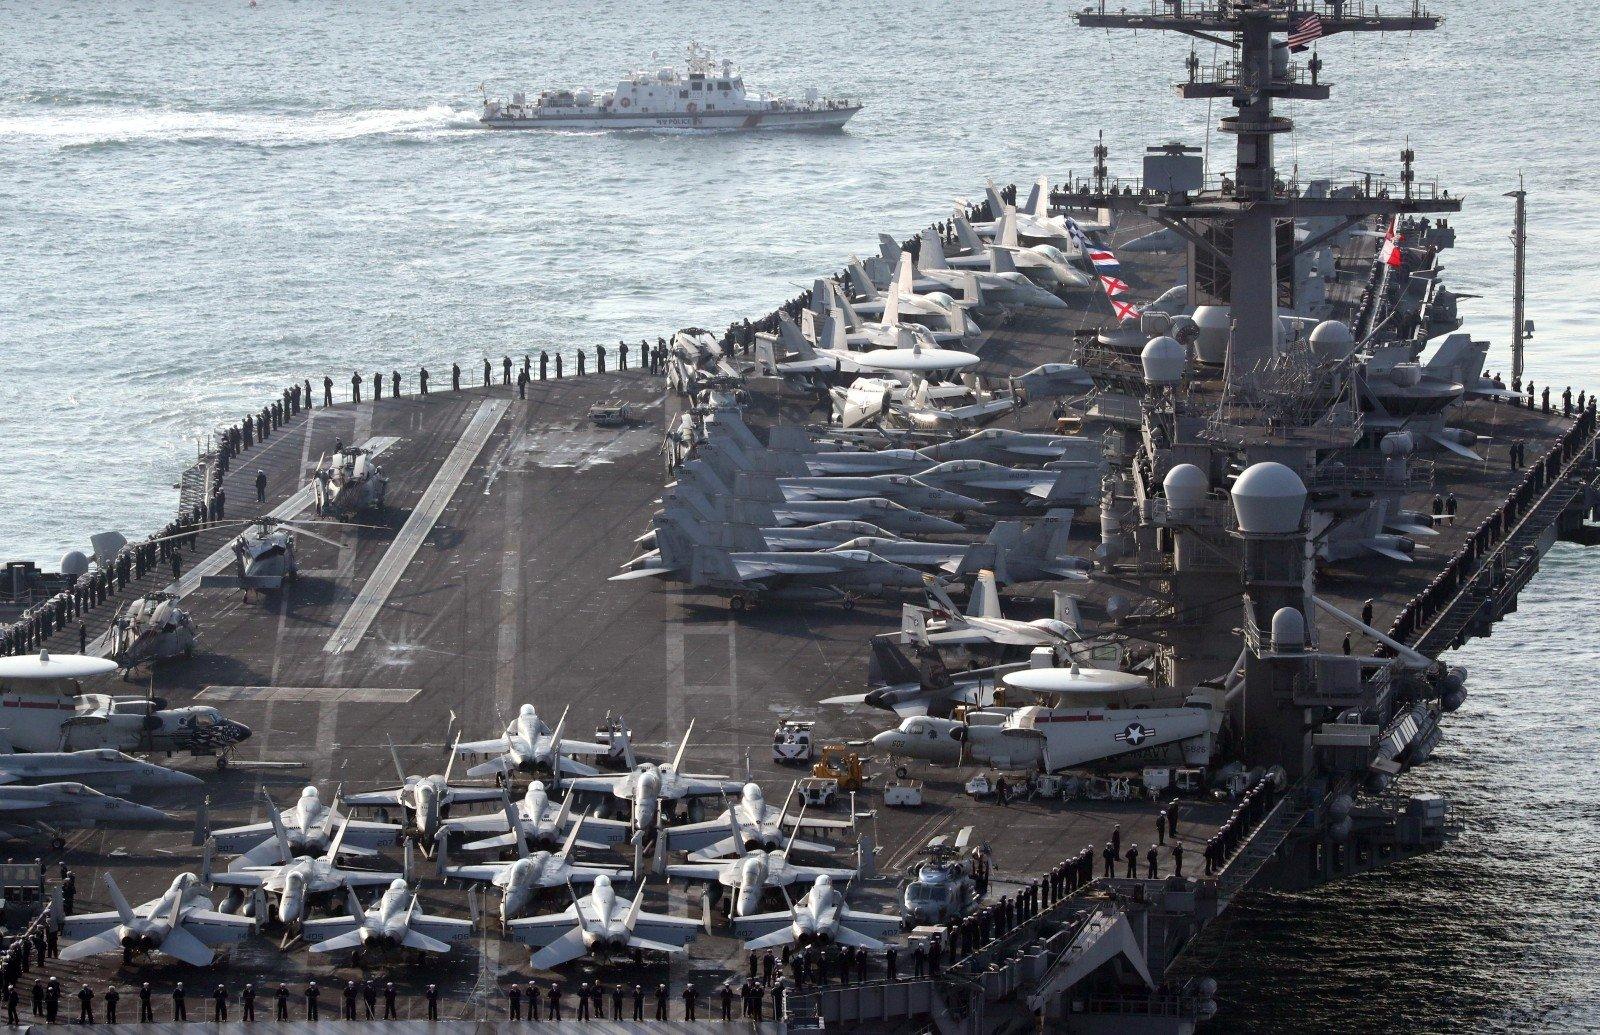 Северная Корея сообщила оготовности потопить американский авианосец Carl Vinson